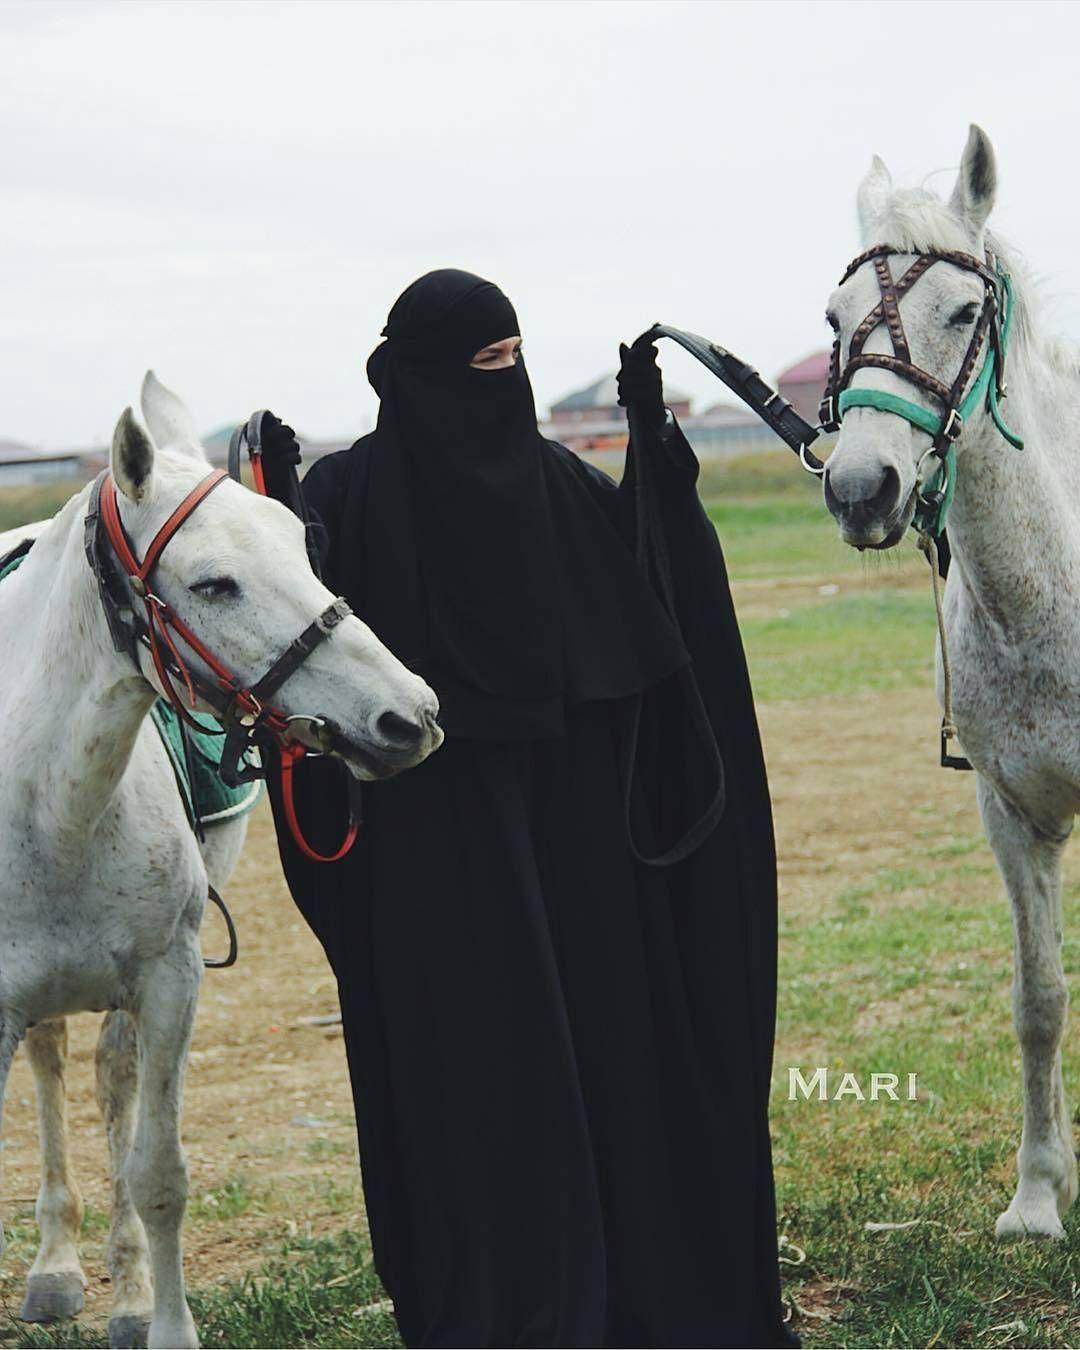 Muslimahs True Hijab My Niqab Hijab Niqabi Hijabi